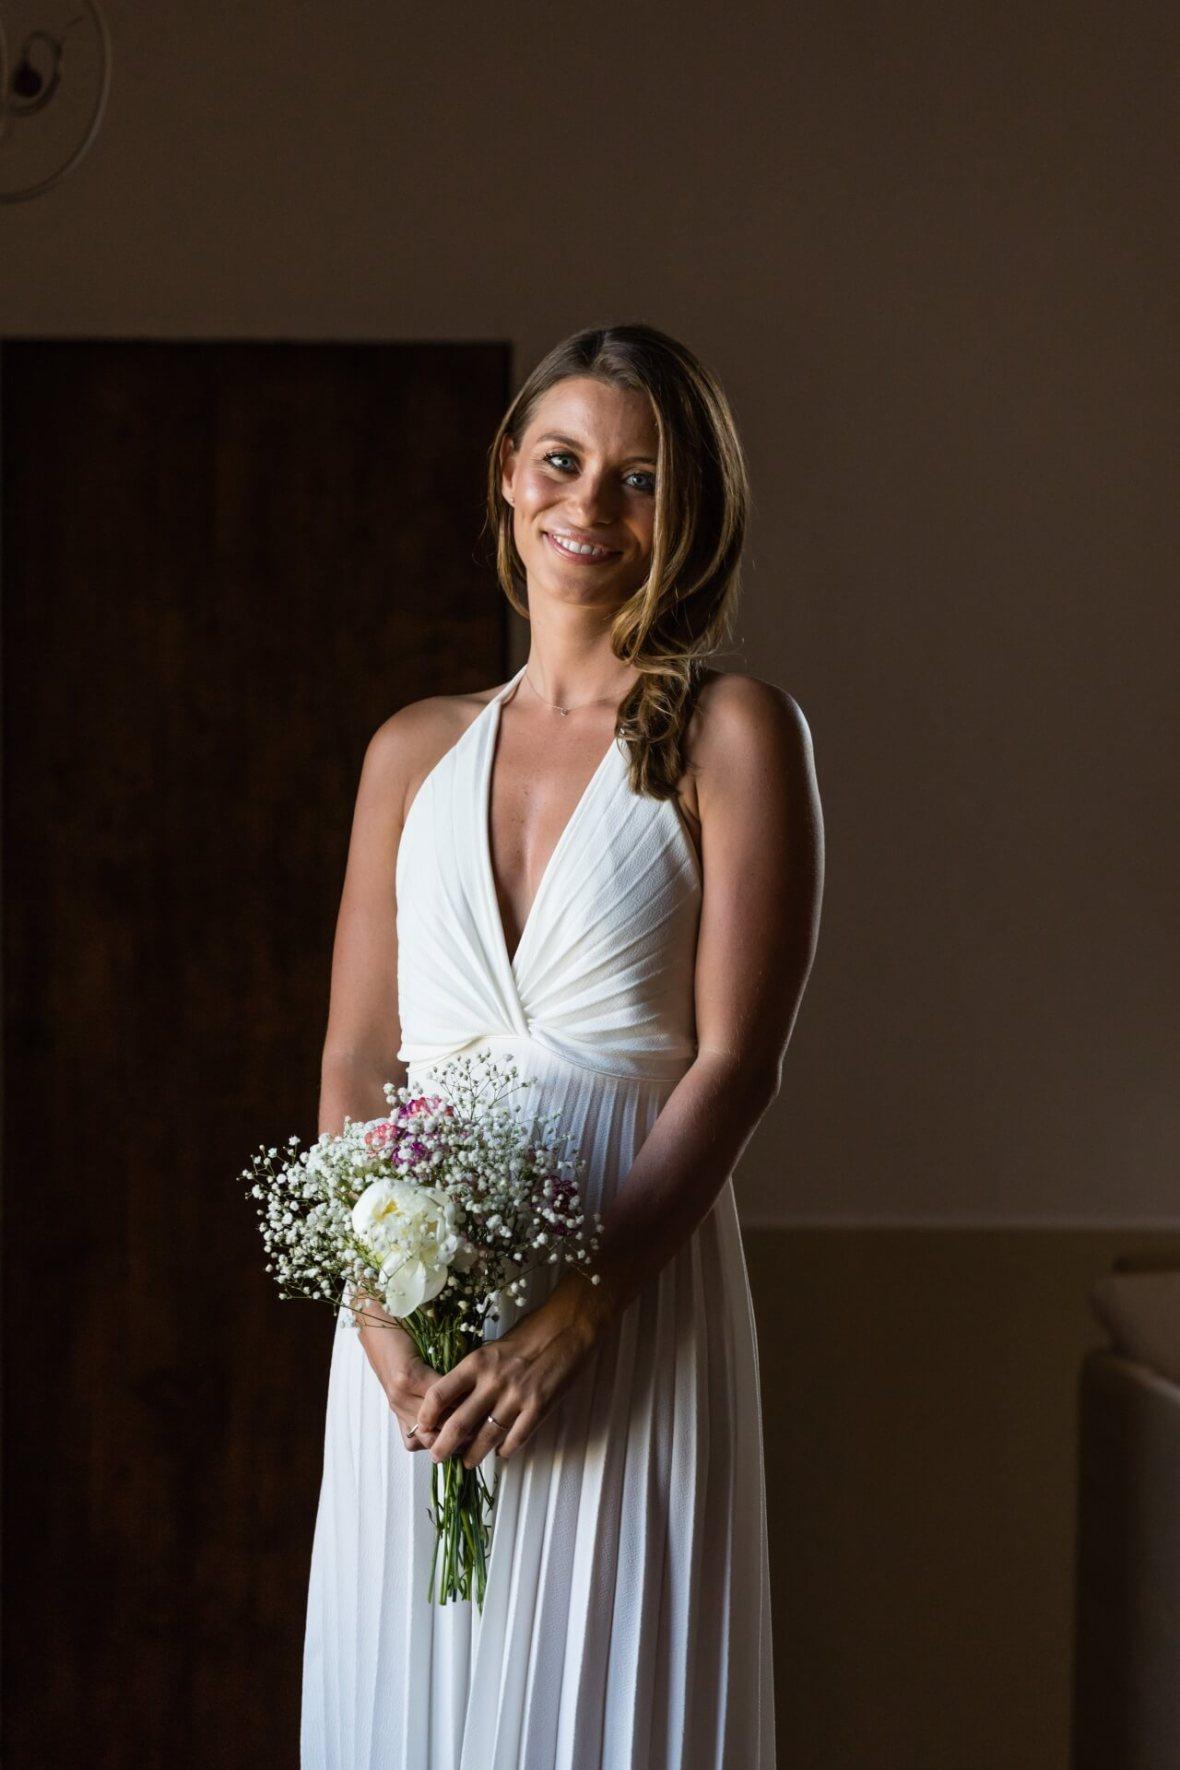 Get married in an Italian castle